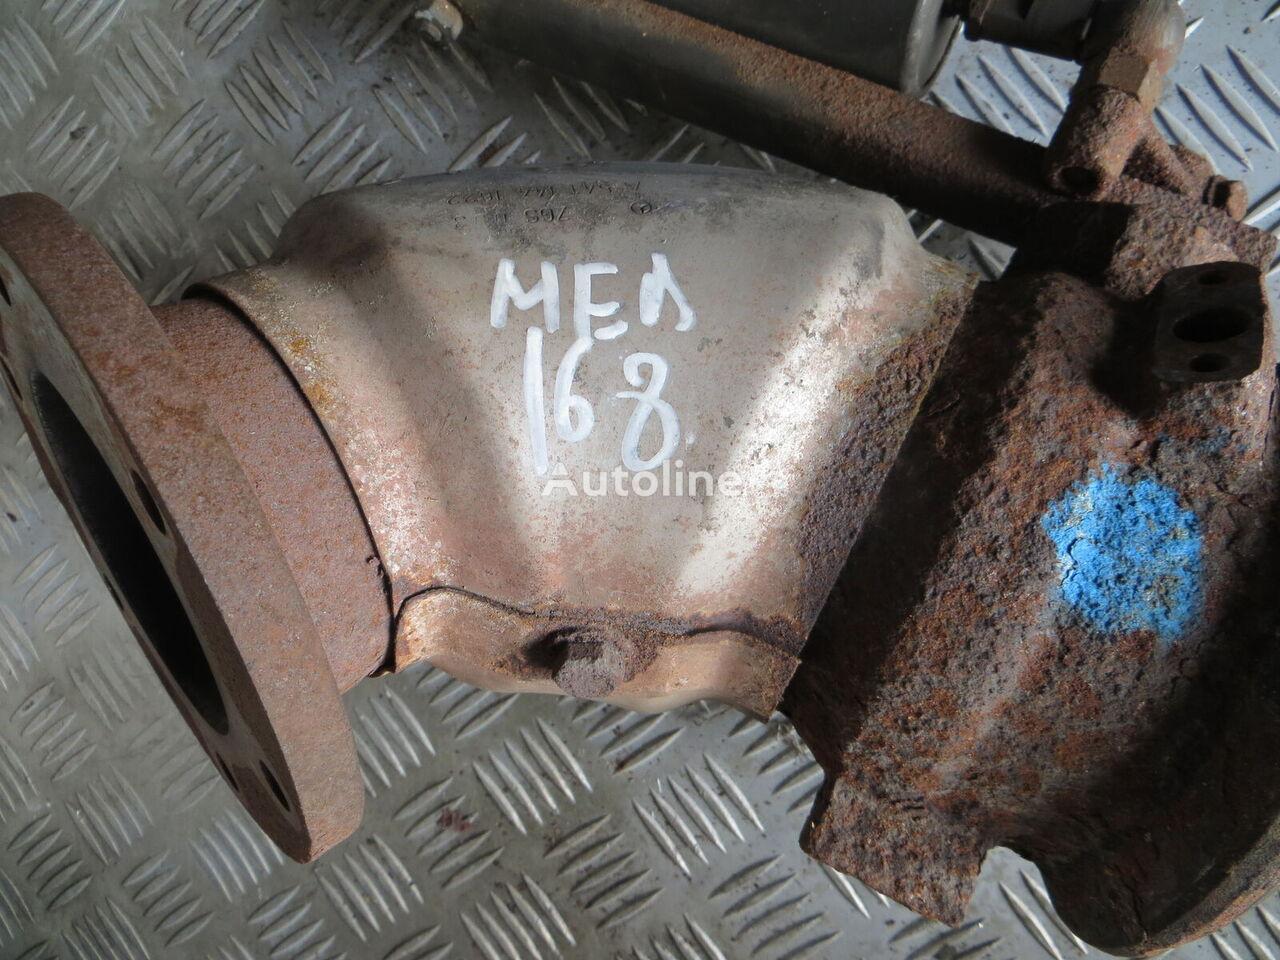 MERCEDES-BENZ Obturator gaze MED168 manifold for MERCEDES-BENZ ACTROS tractor unit